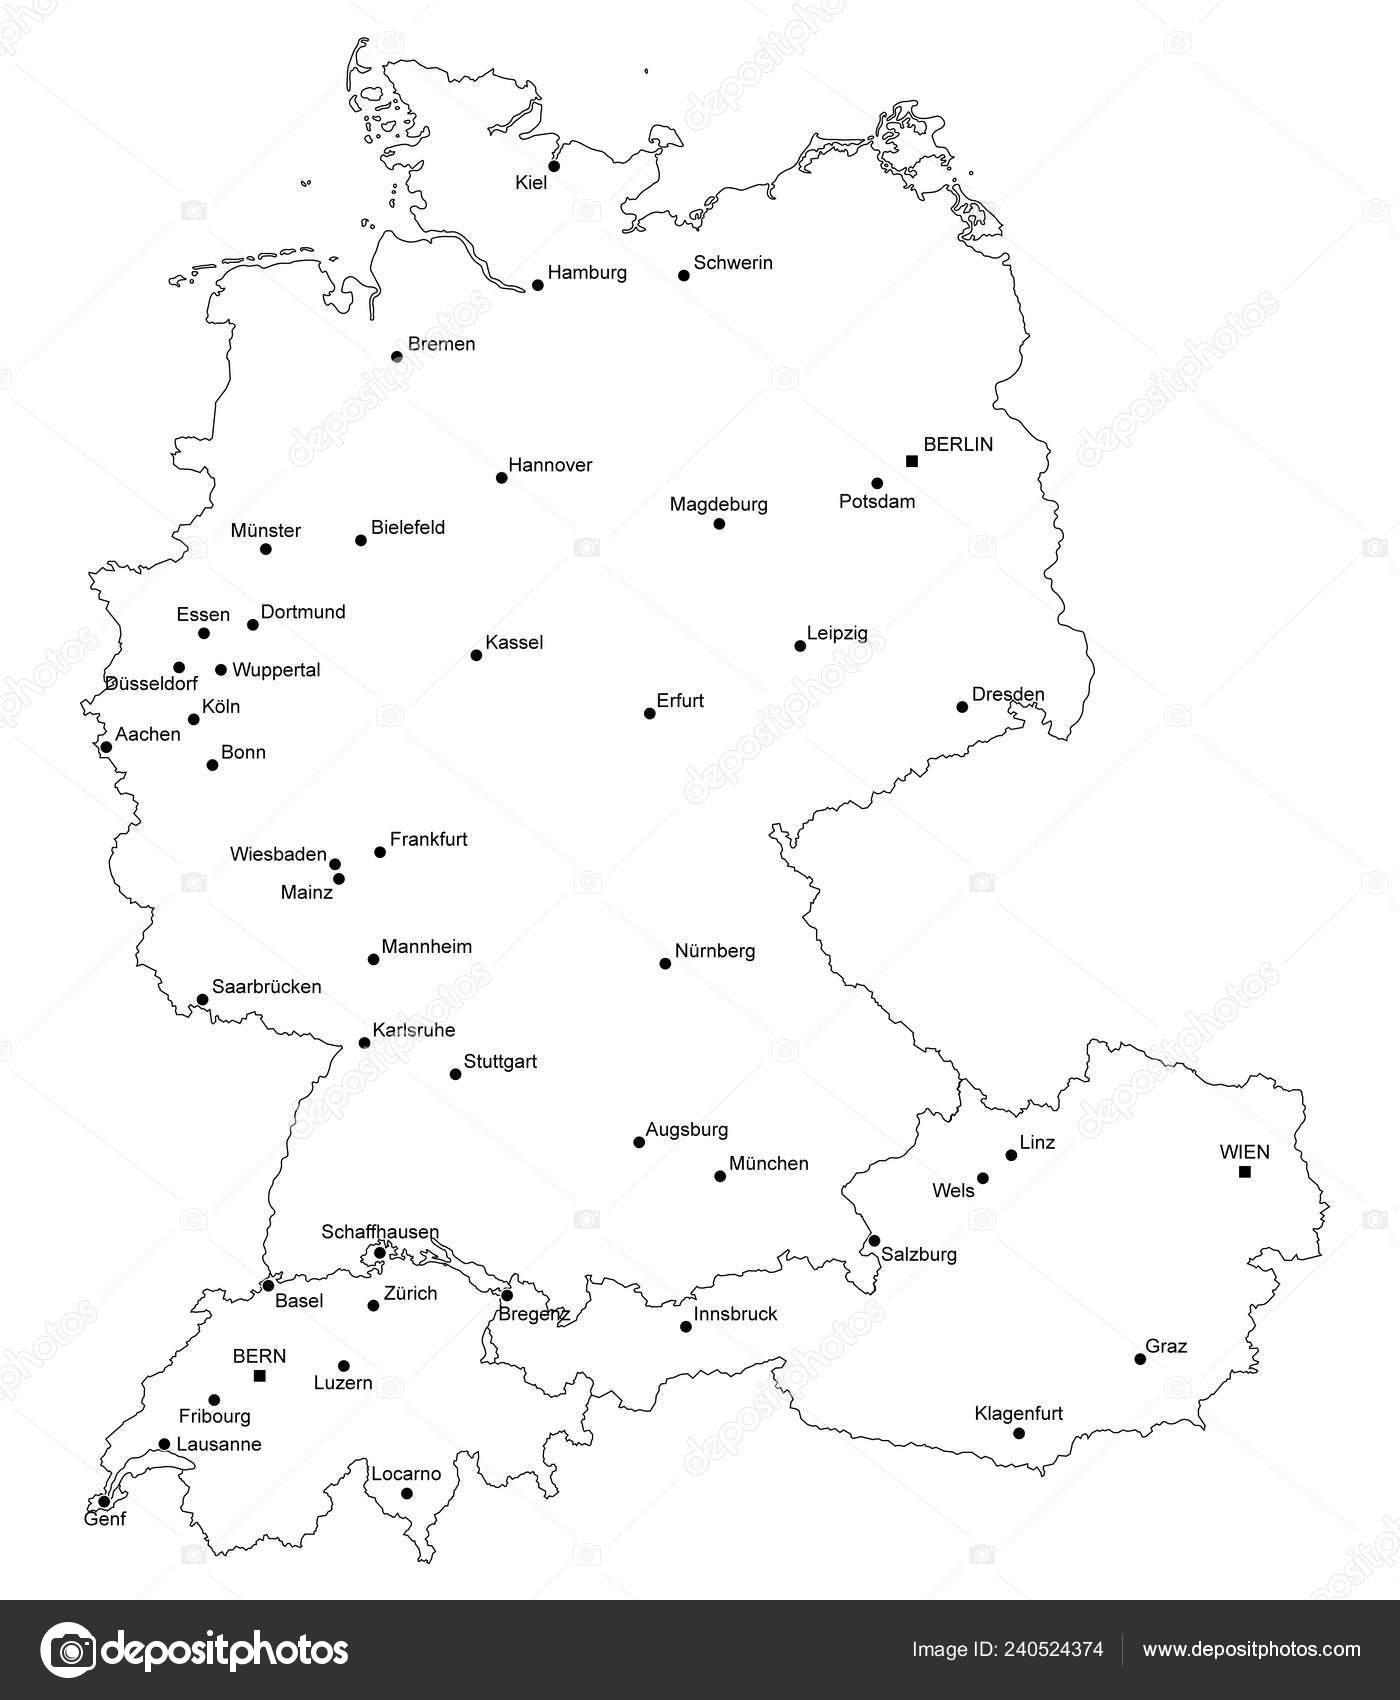 Karte Süddeutschland österreich Schweiz.Karte Von Deutschland österreich Und Der Schweiz Stockvektor Ii